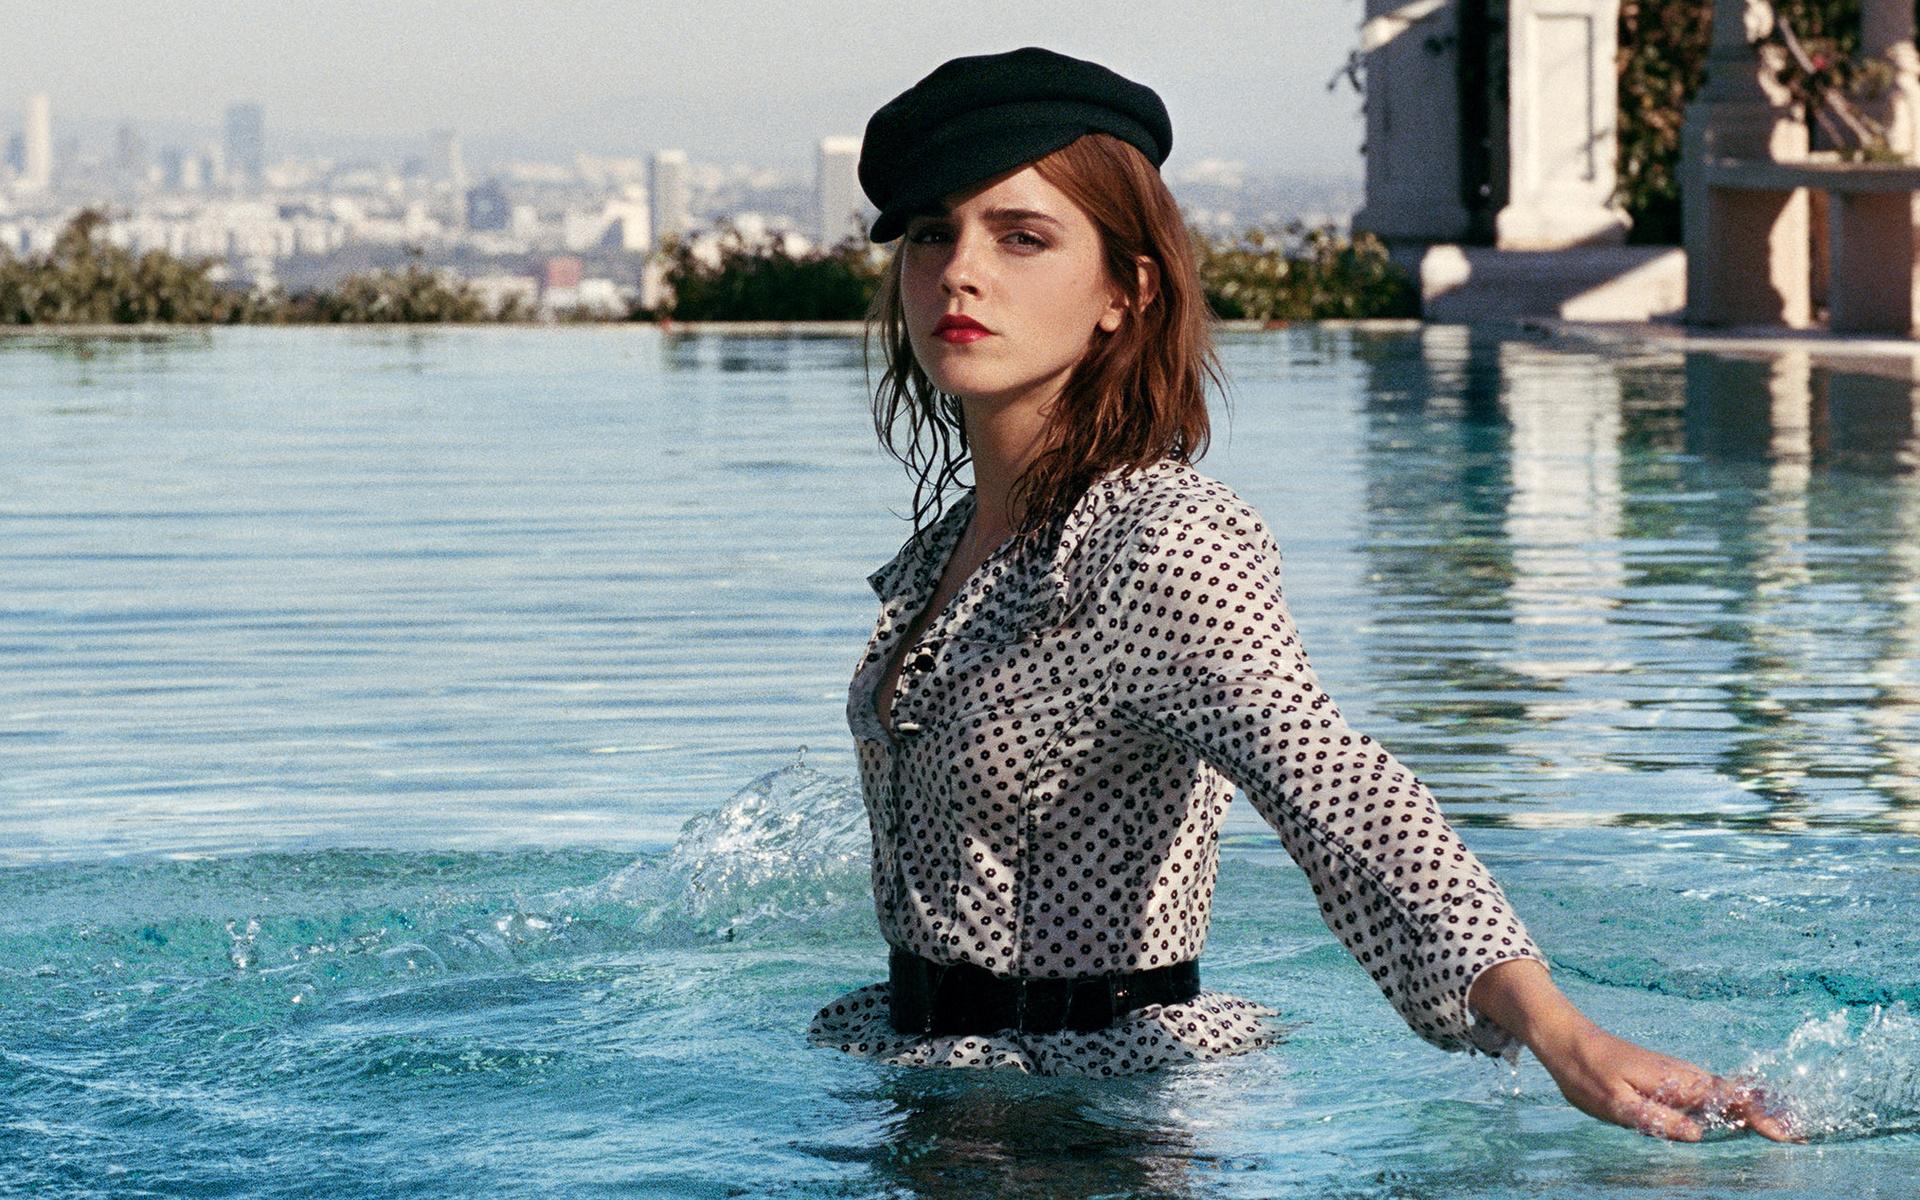 девушки купаются в деловой одежде фото - 4